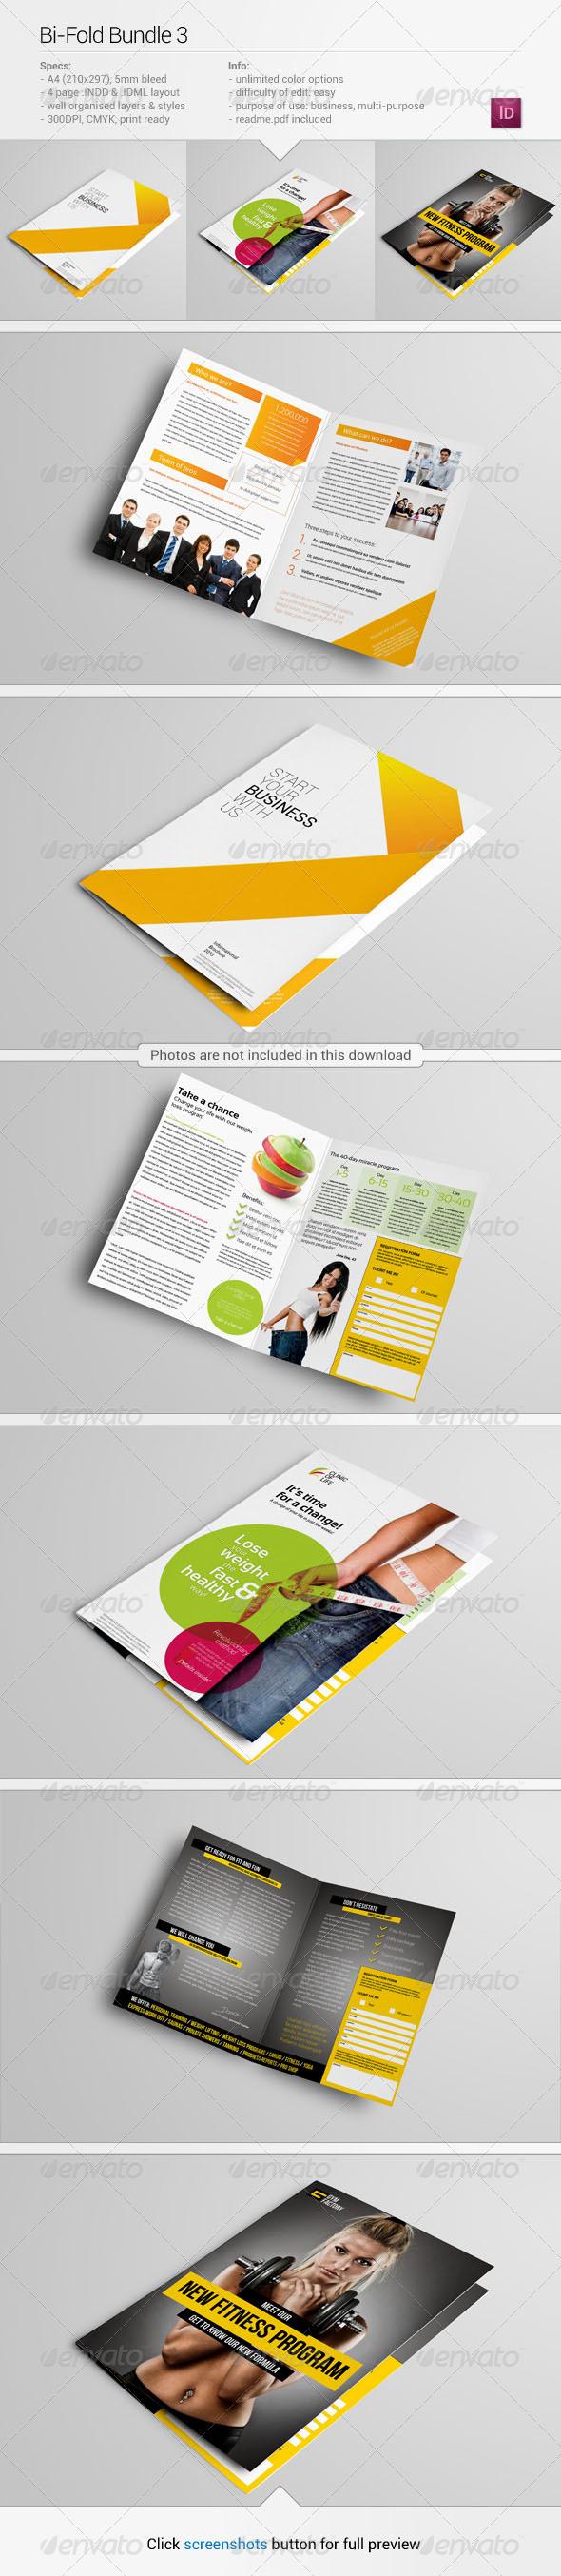 GraphicRiver Bi-Fold Bundle 3 5724178